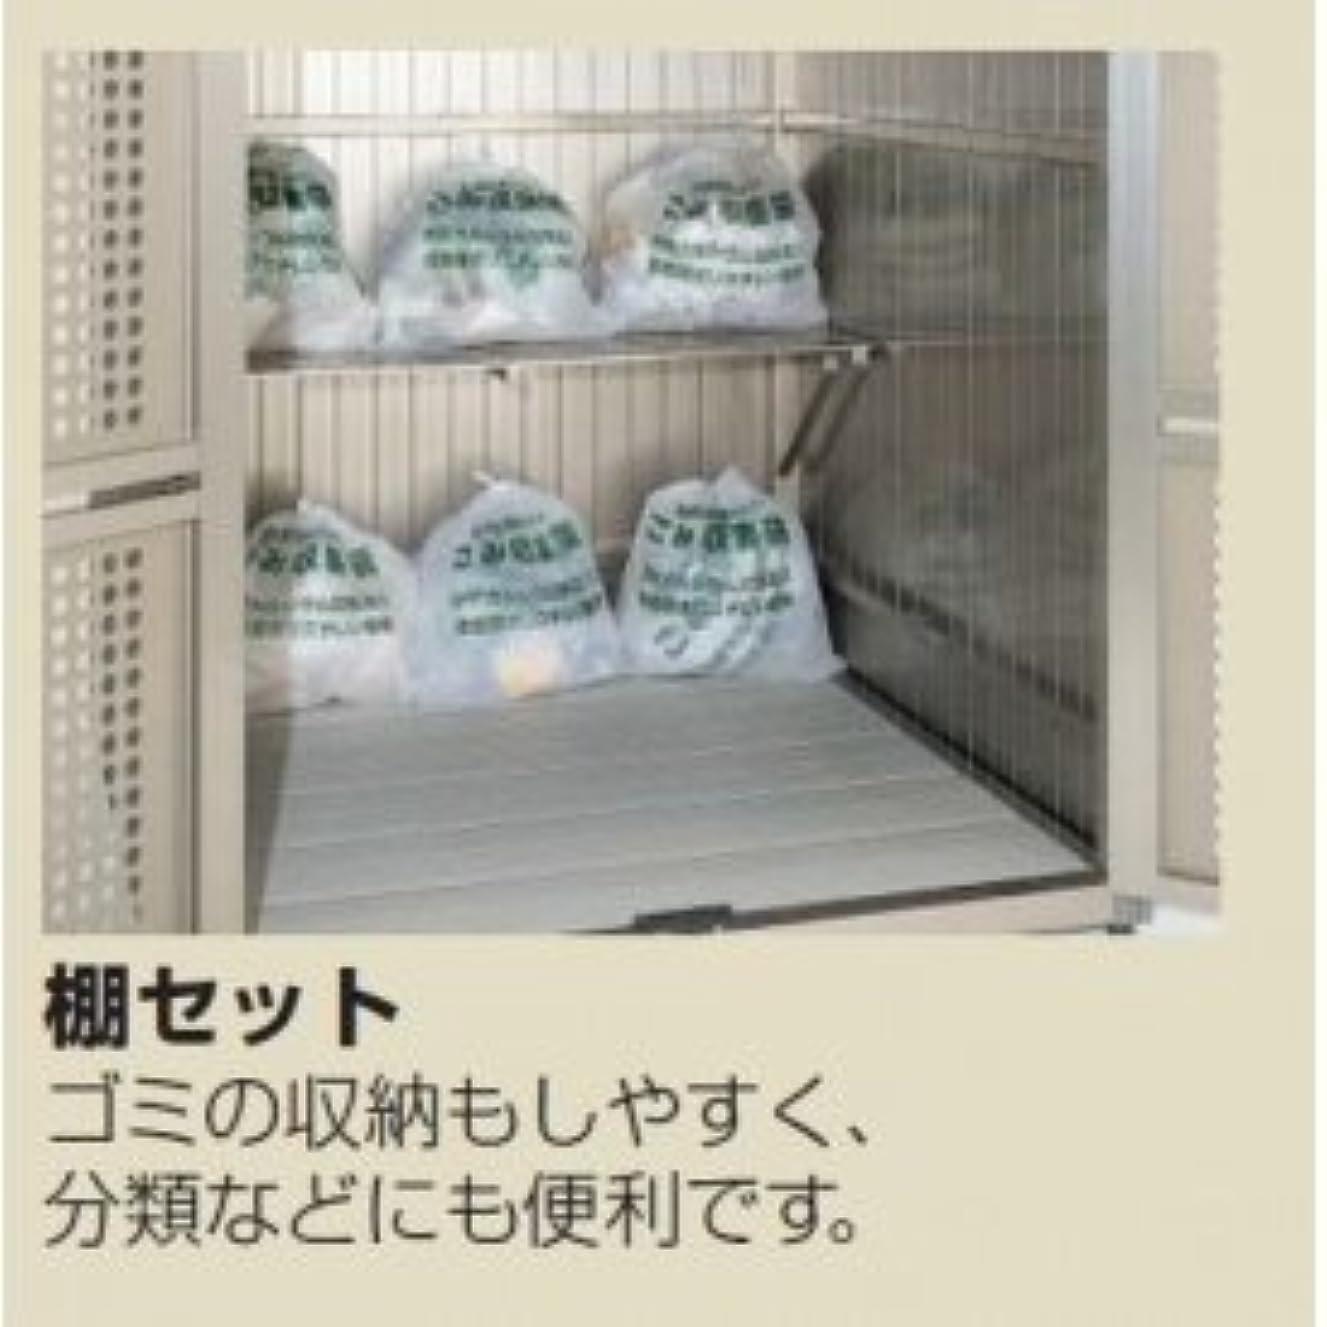 輝度マンモスハードリング四国化成 ゴミストッカーPM用 GS棚セット(1枚入り) ステンカラー